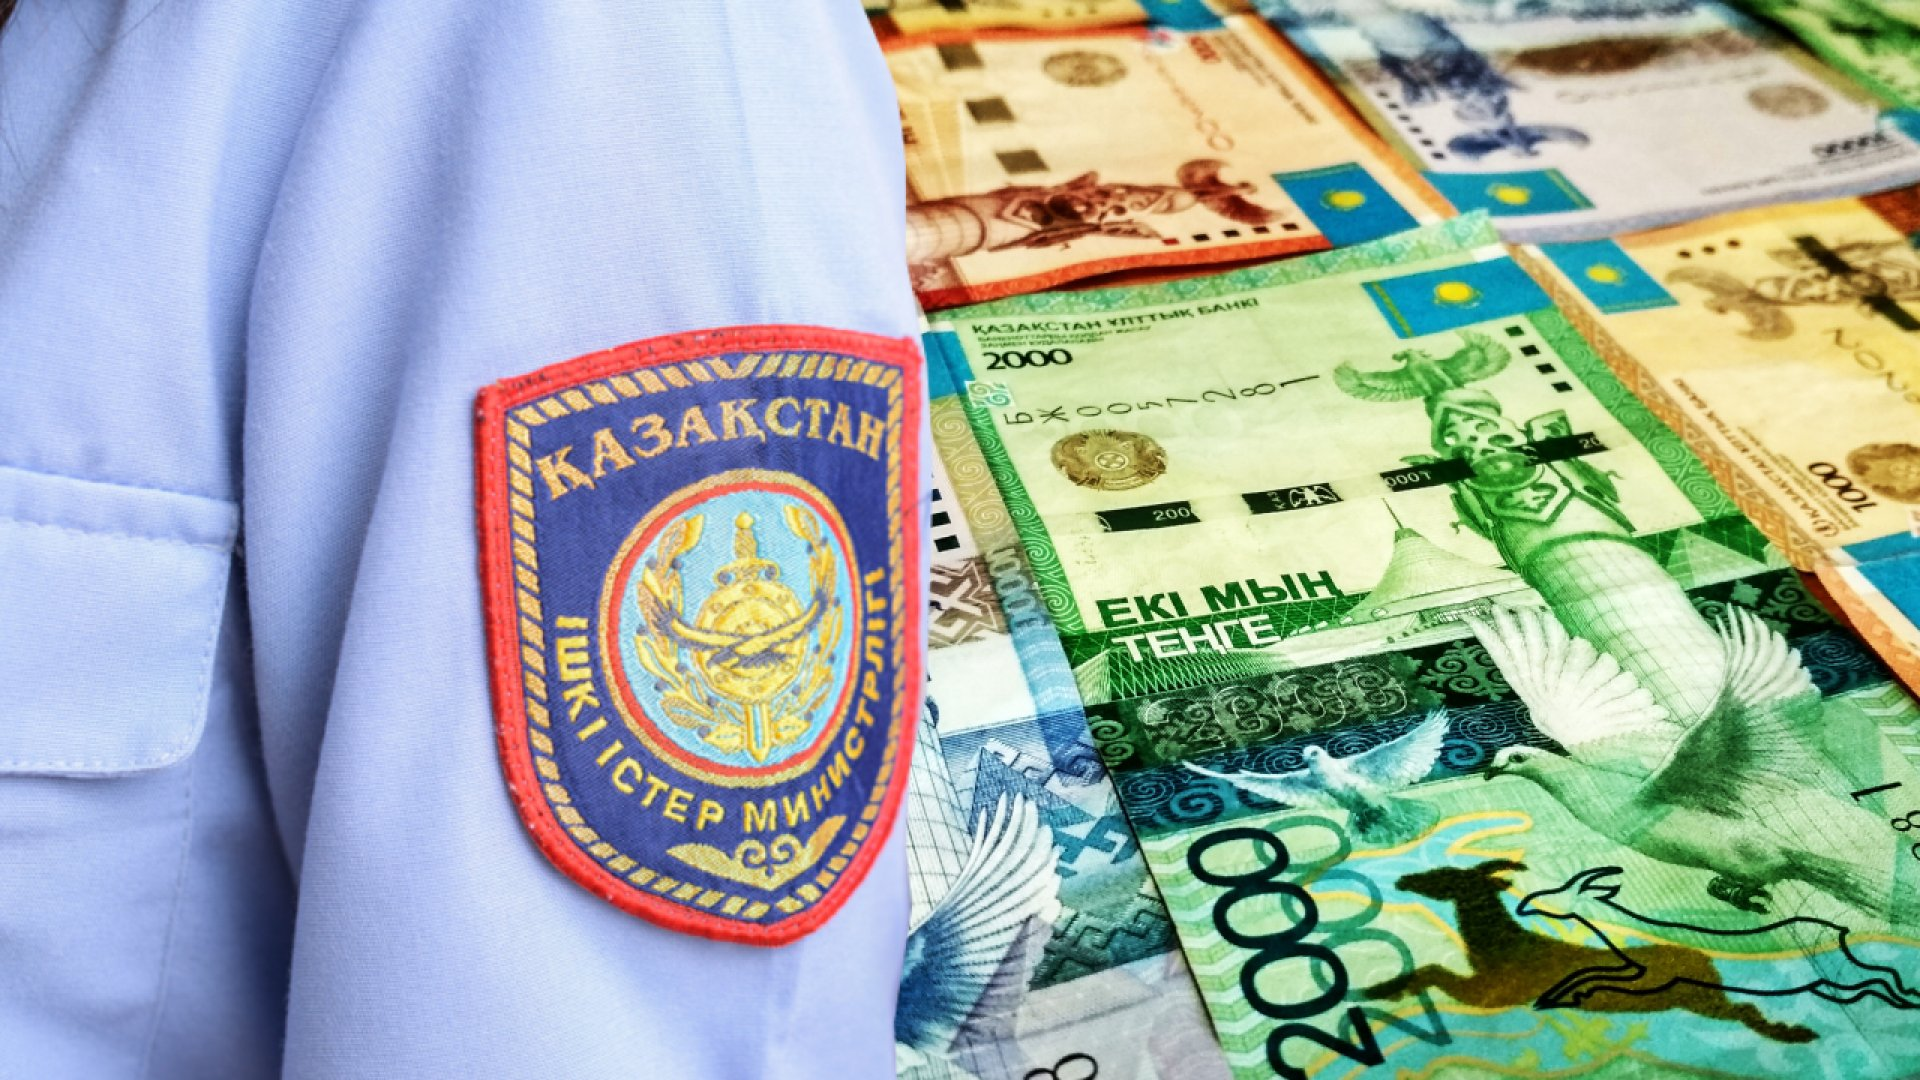 Полицейские ЗКО берут взятки на бензин и мойку машин - А.Салиева